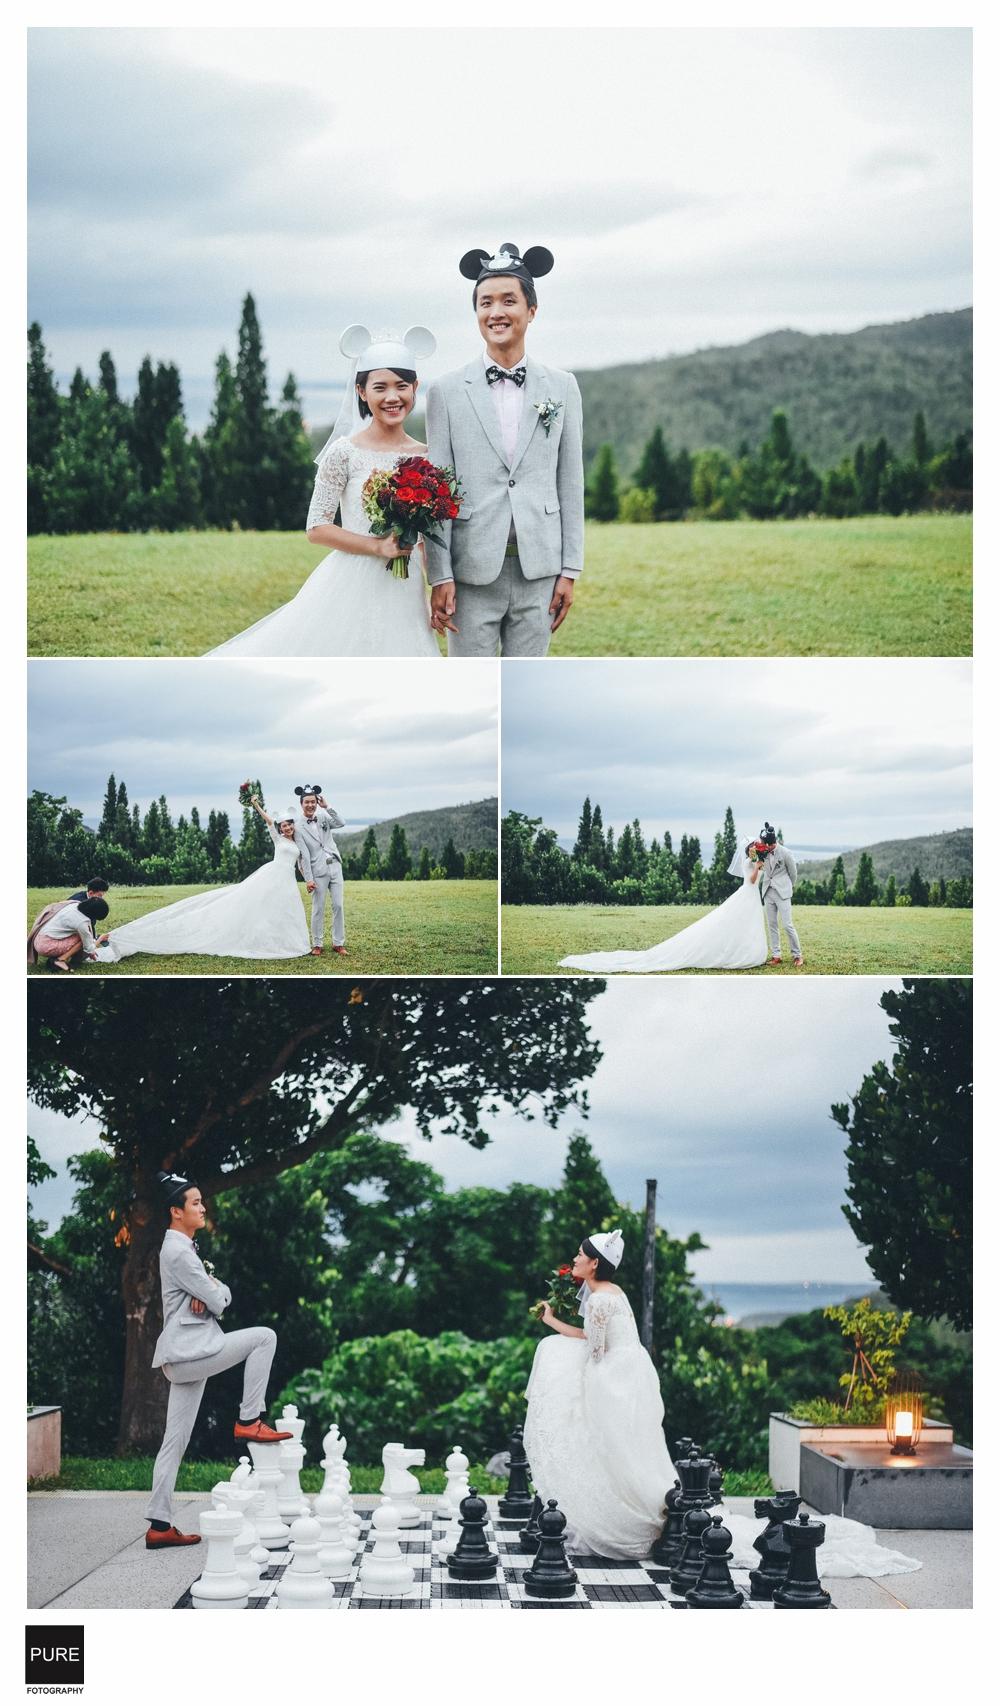 墾丁華泰瑞苑類婚紗拍攝